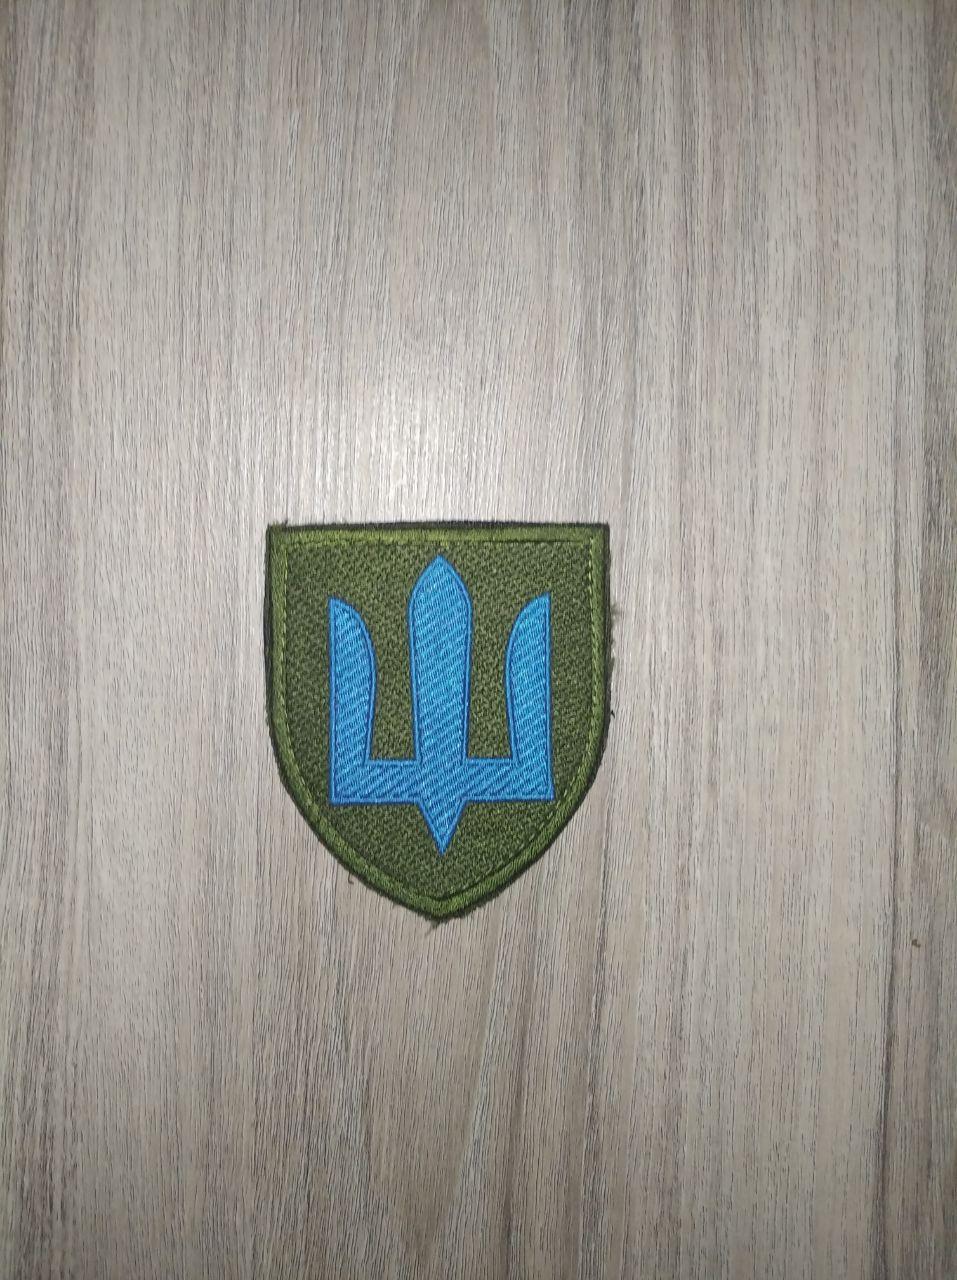 Шеврон ЗСУ Командование сухопутных войск (зашитое поле, тризуб)